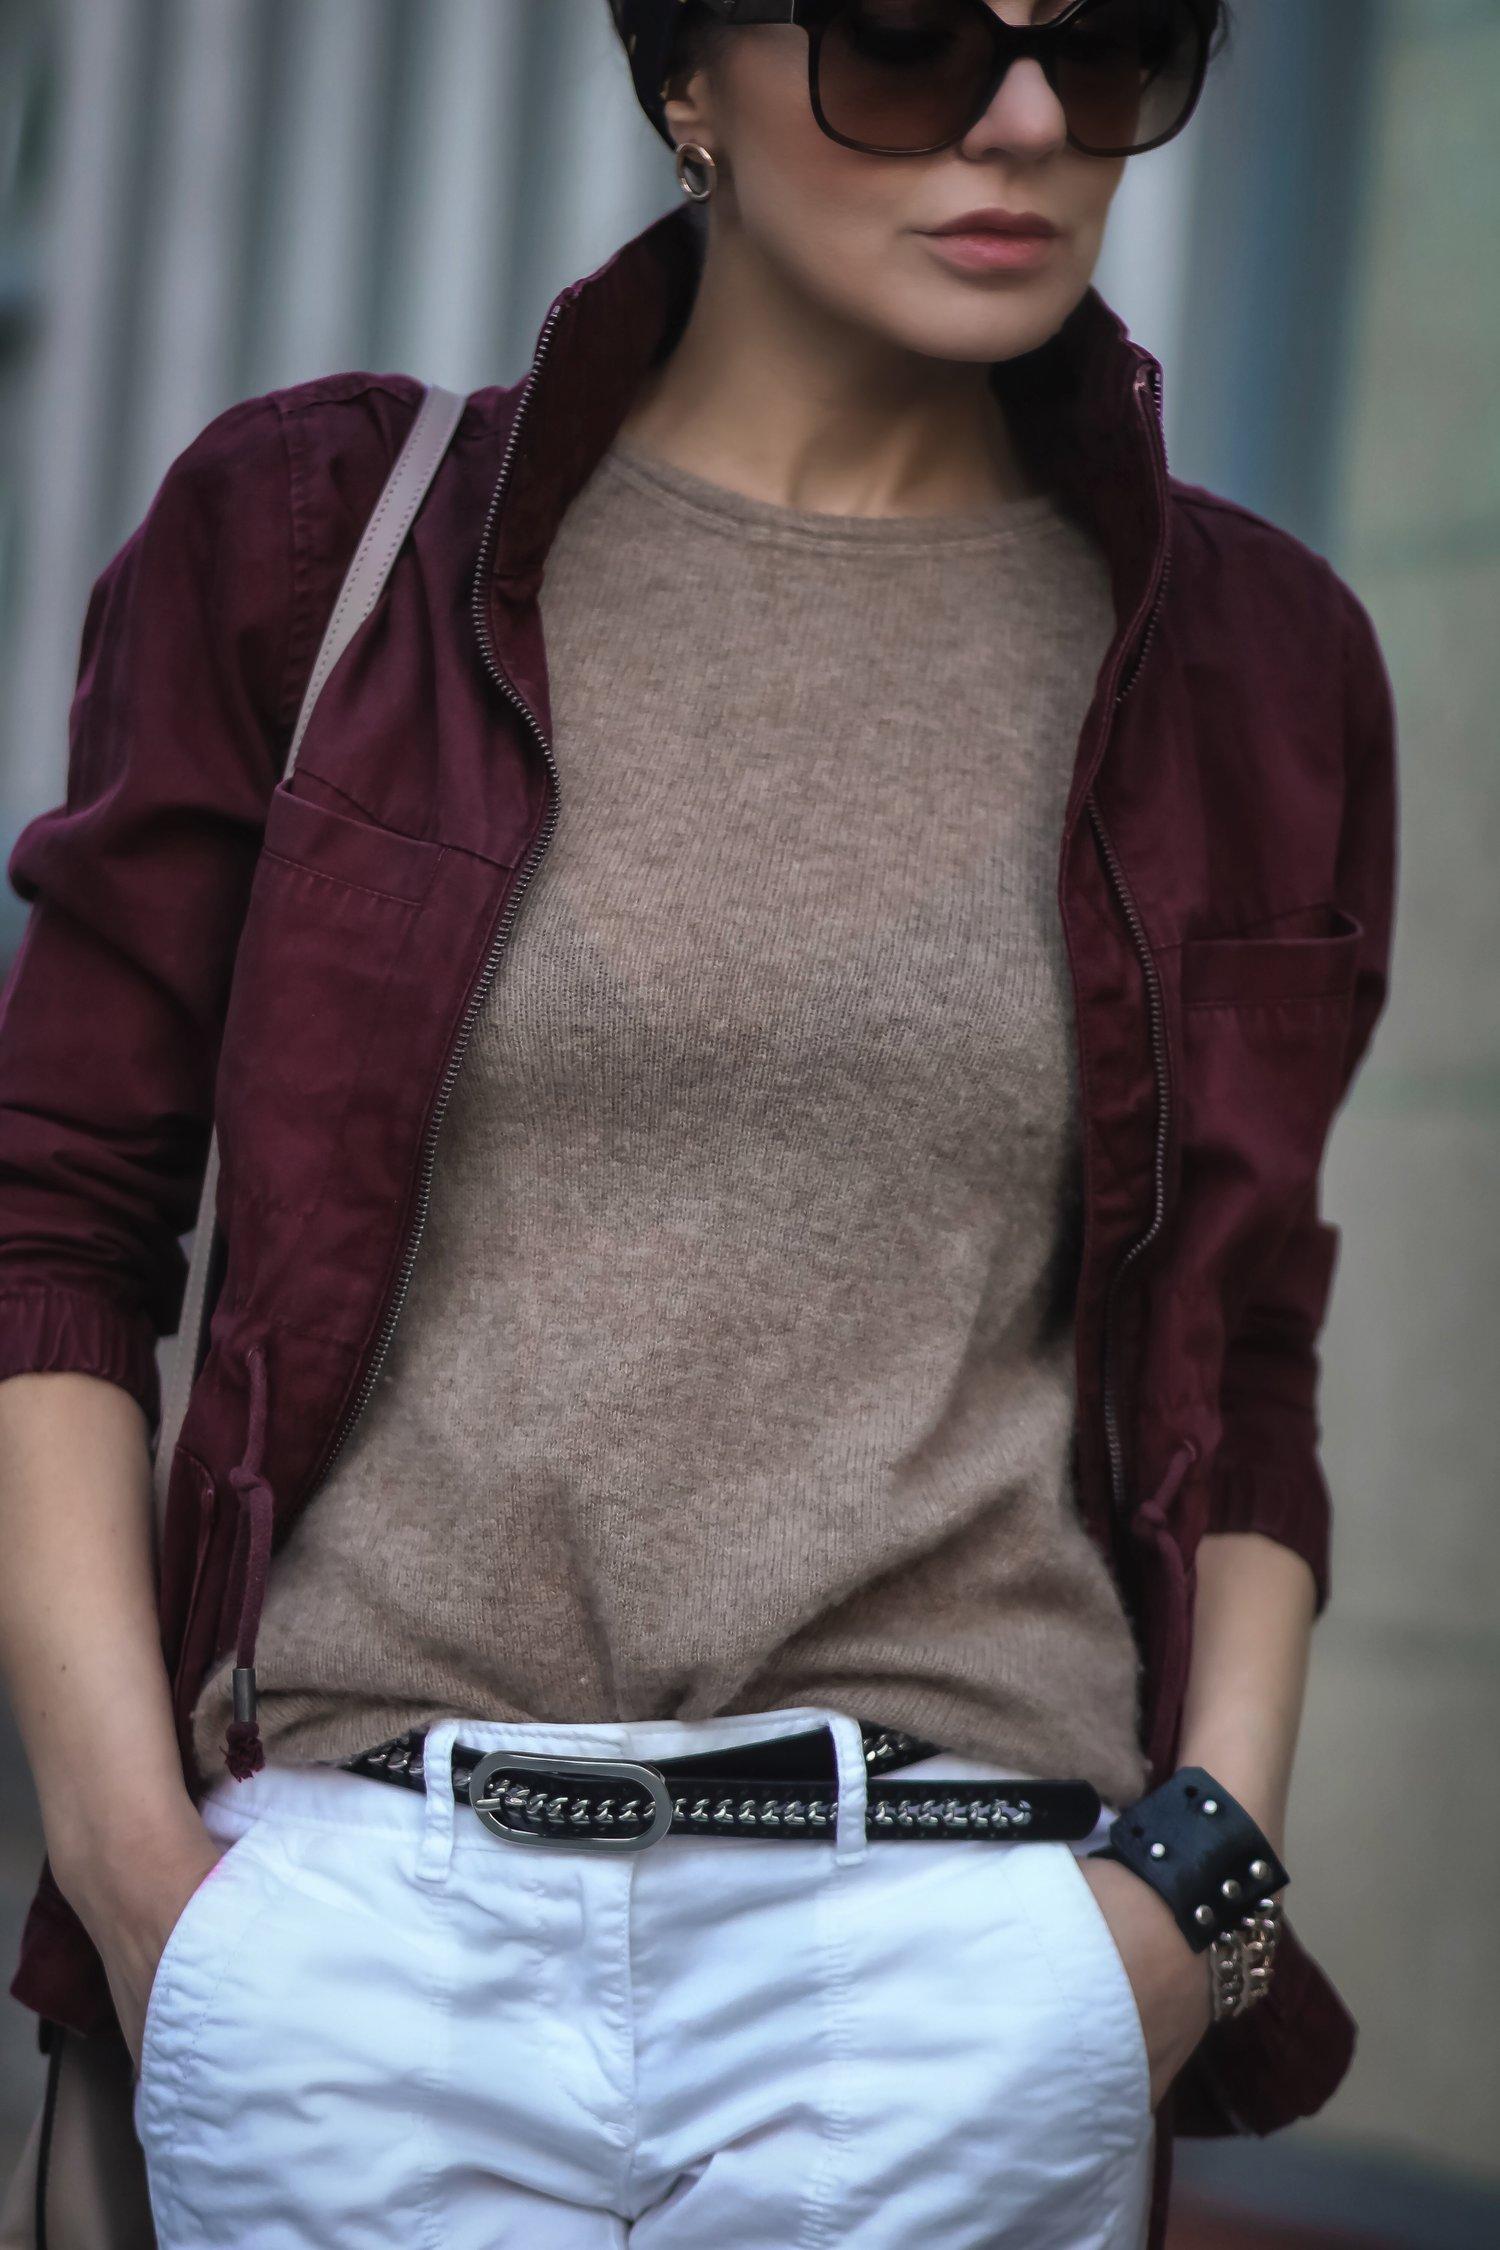 Isabel-Alexander-Old-Navy-burgundy-jacket-camel-cashmere-top